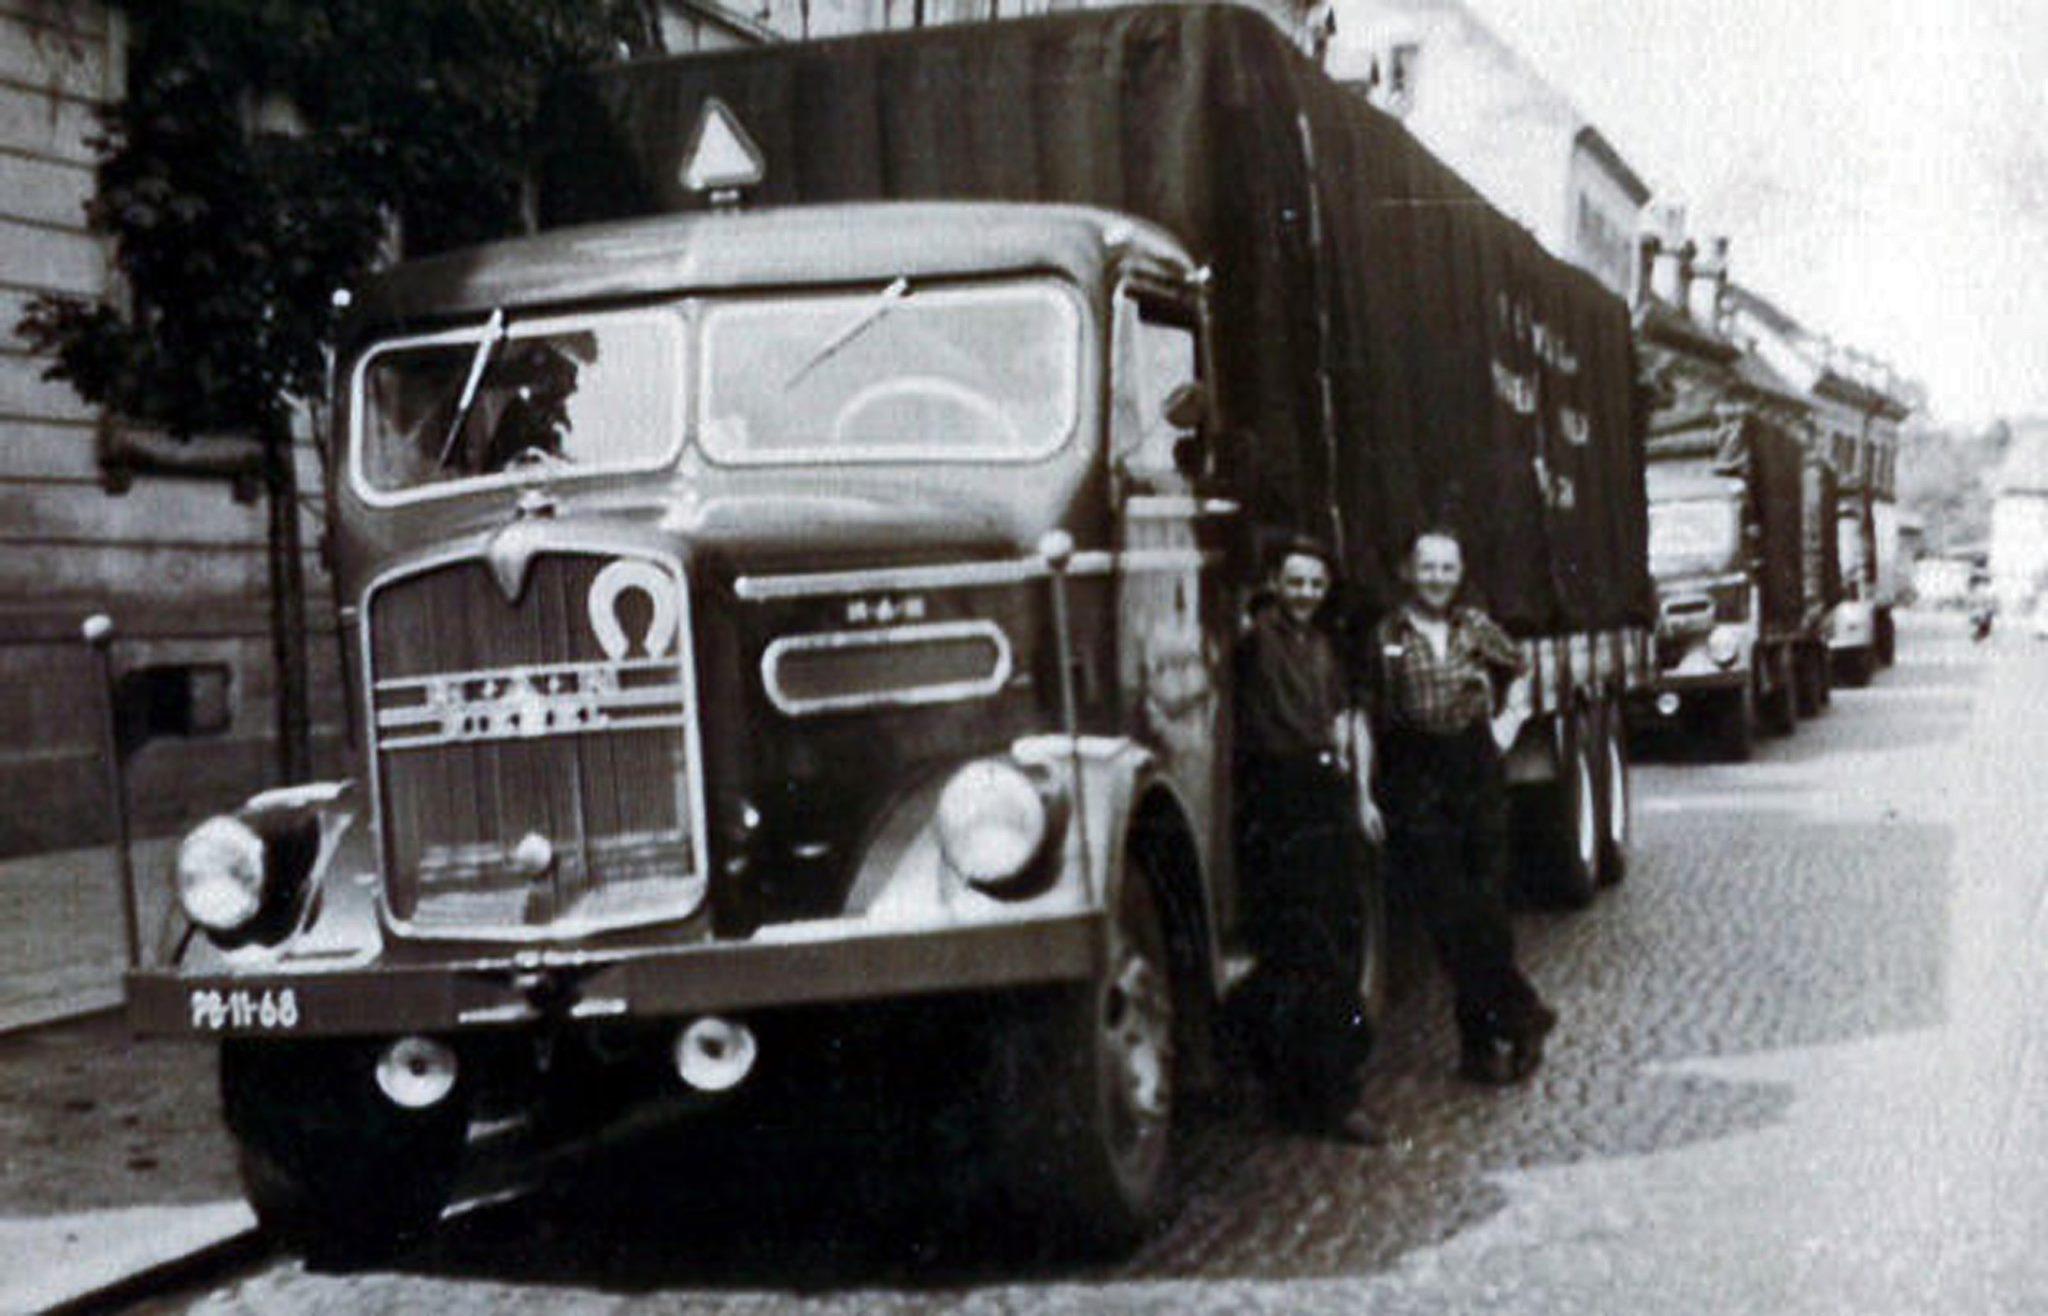 links-Jan-de-Zoete-rechts-ome-Gerrit-Boers-wachten-voor-de-markt-in-Brussel-1956